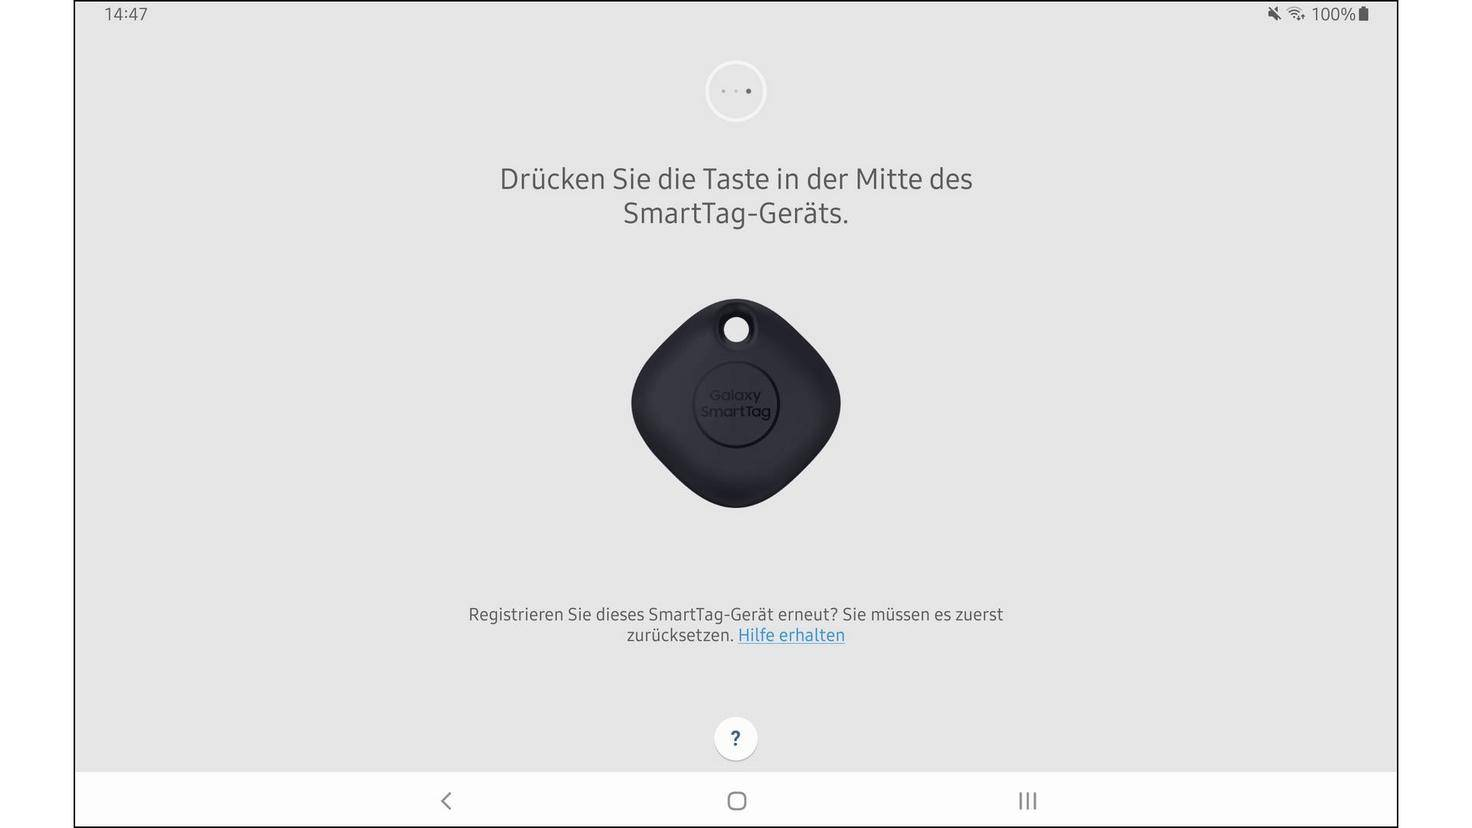 Appuyez une fois sur le bouton au milieu de la balise active, puis suivez les instructions supplémentaires de l'application.